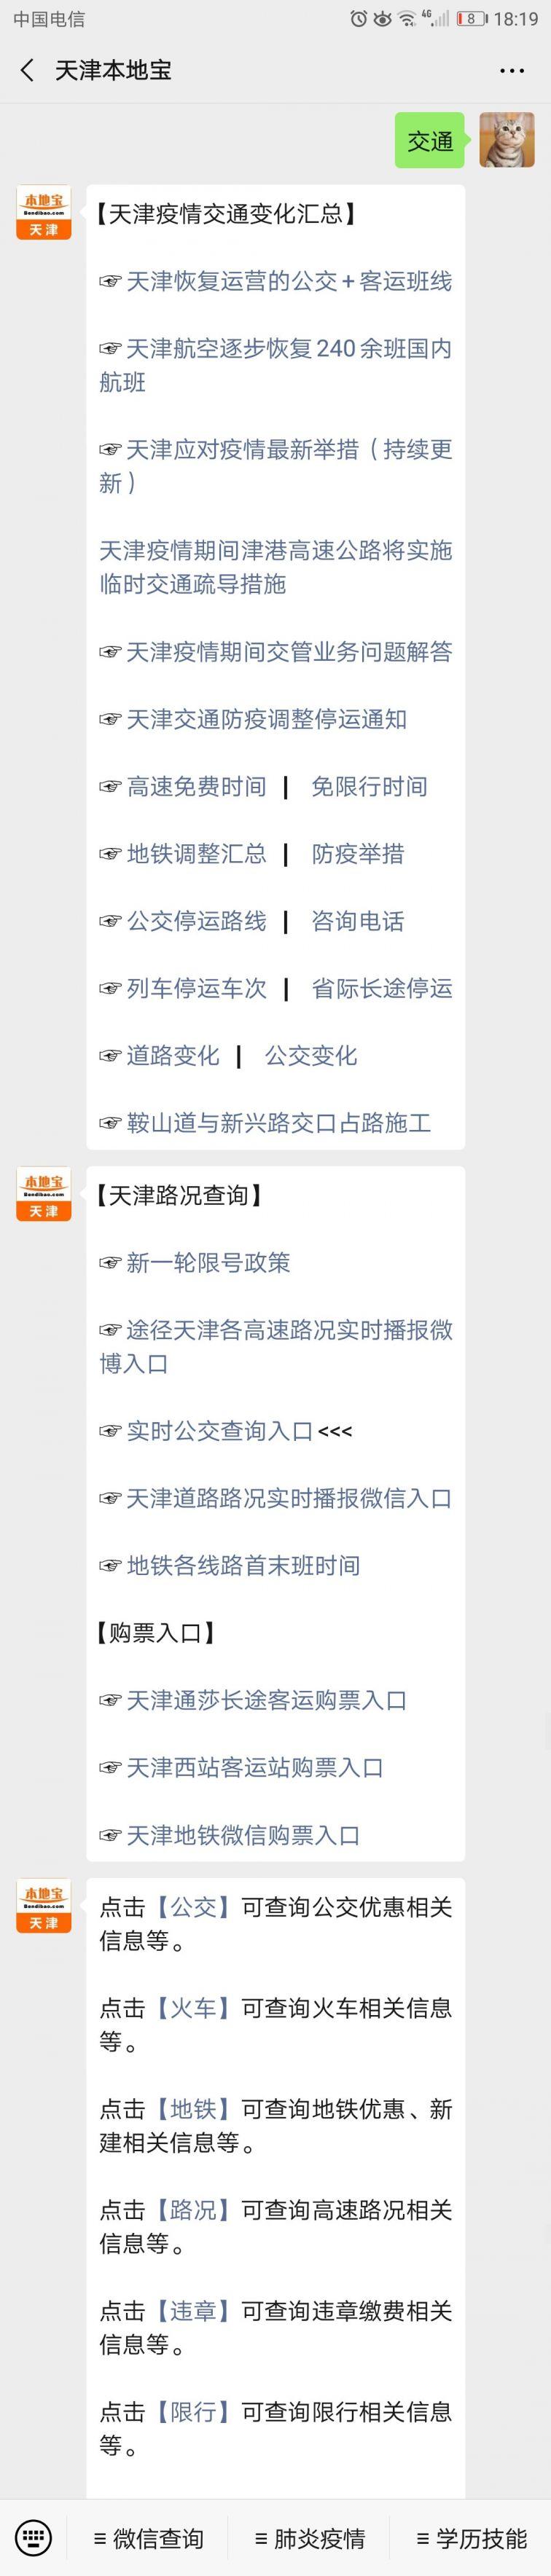 天津西青区交通违法窗口恢复对外办公